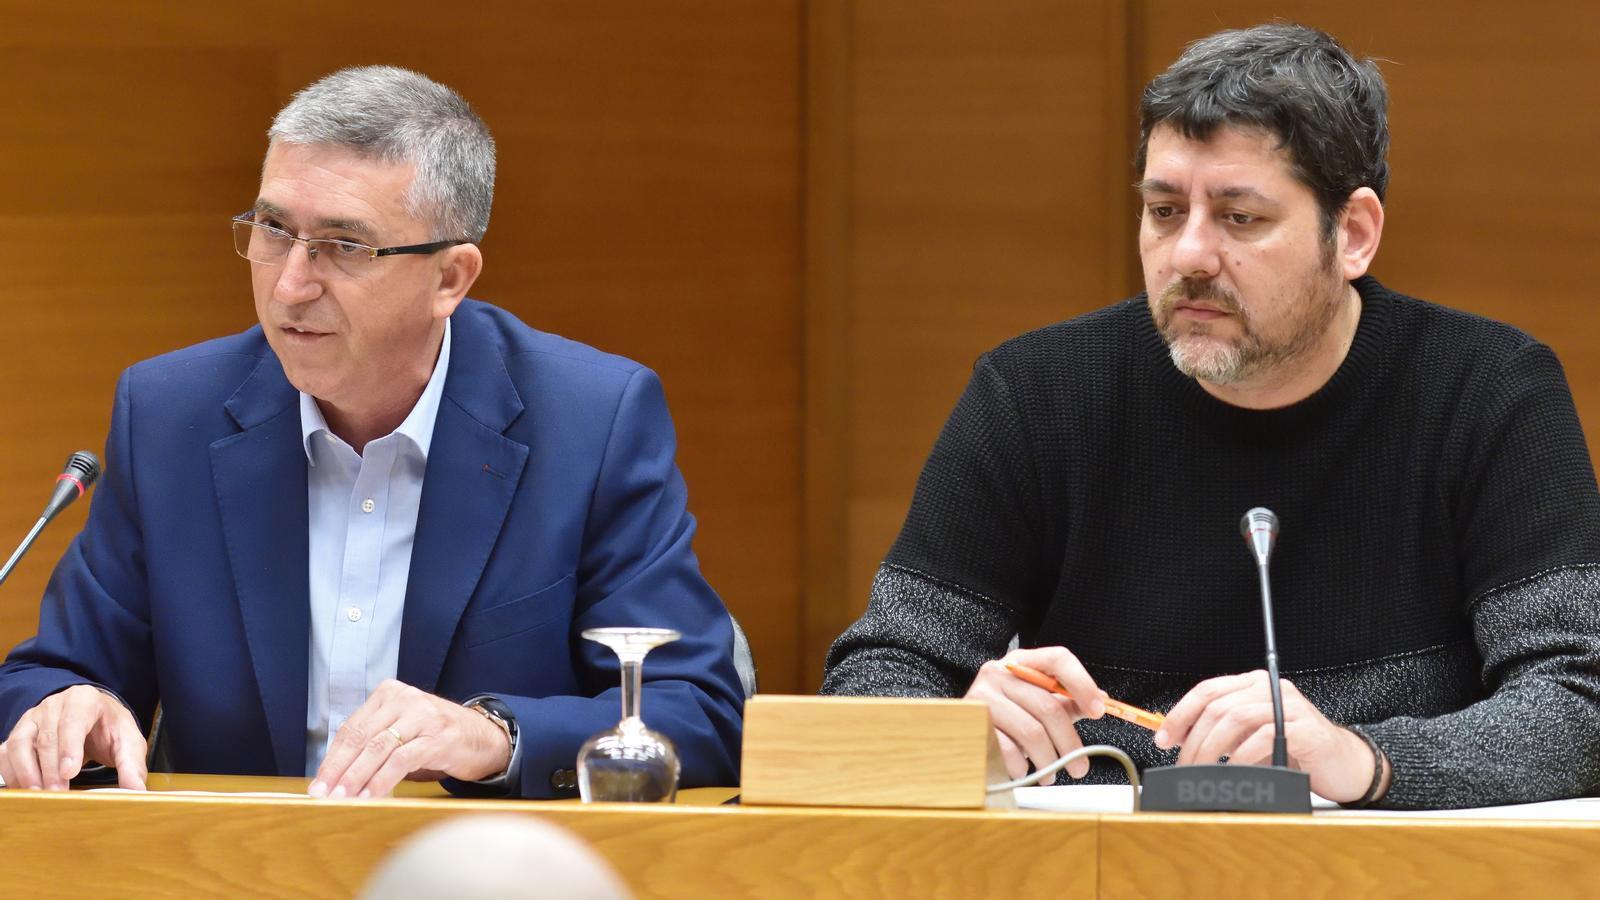 El diputat de Compromís, Josep Nadal (d), junt al conseller d'Economia Sostenible, Sector Productius, Comerç i Treball, Rafael Climent, en una imatge d'arxiu